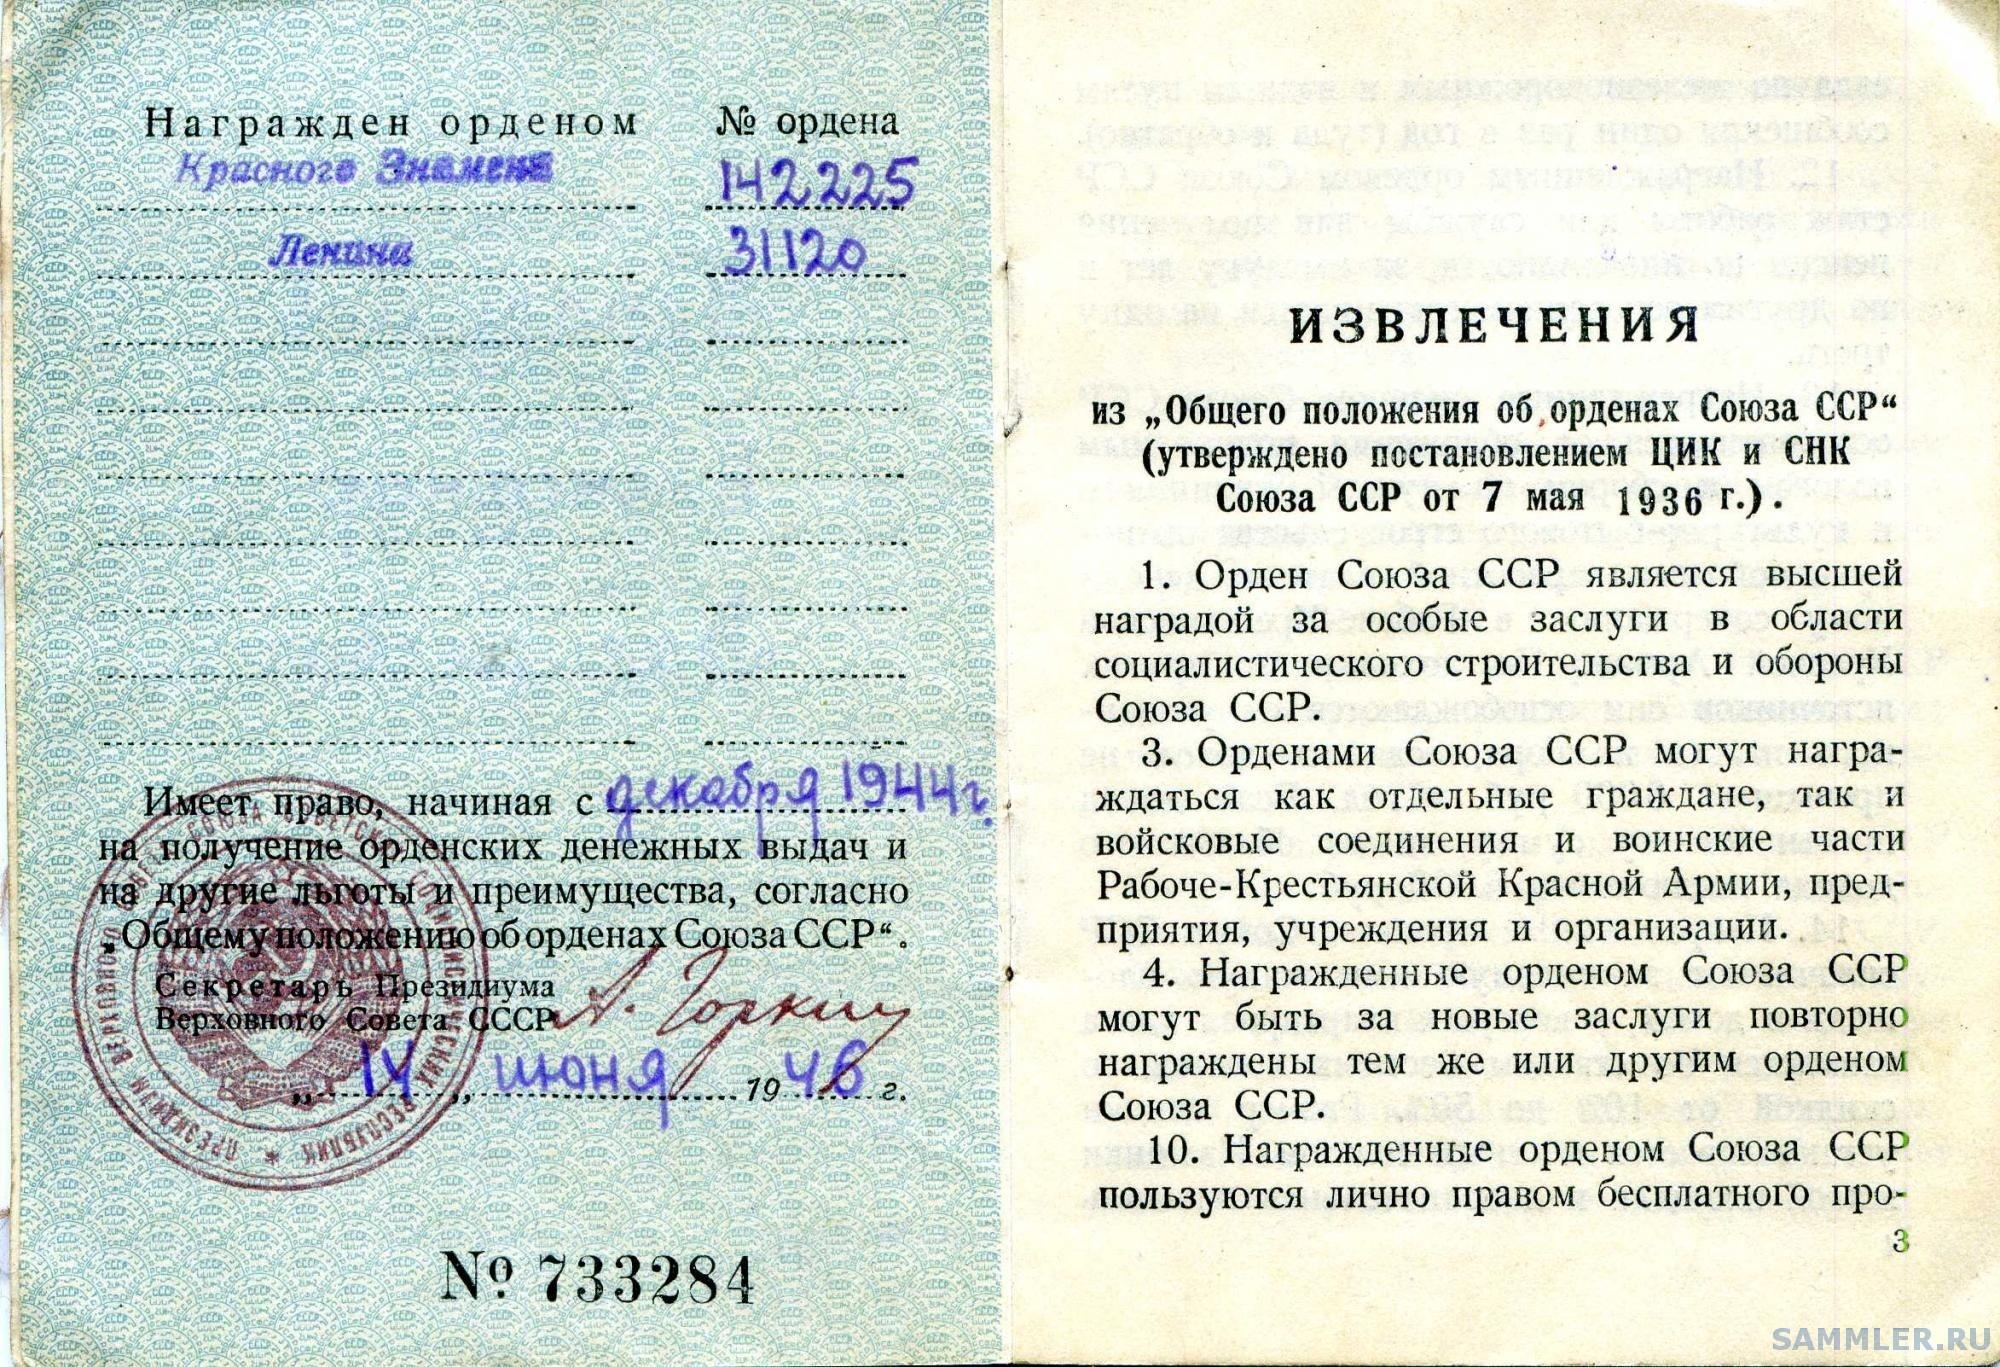 орденск-кн _ Герасимов АВ_ 1946_ 003.jpg